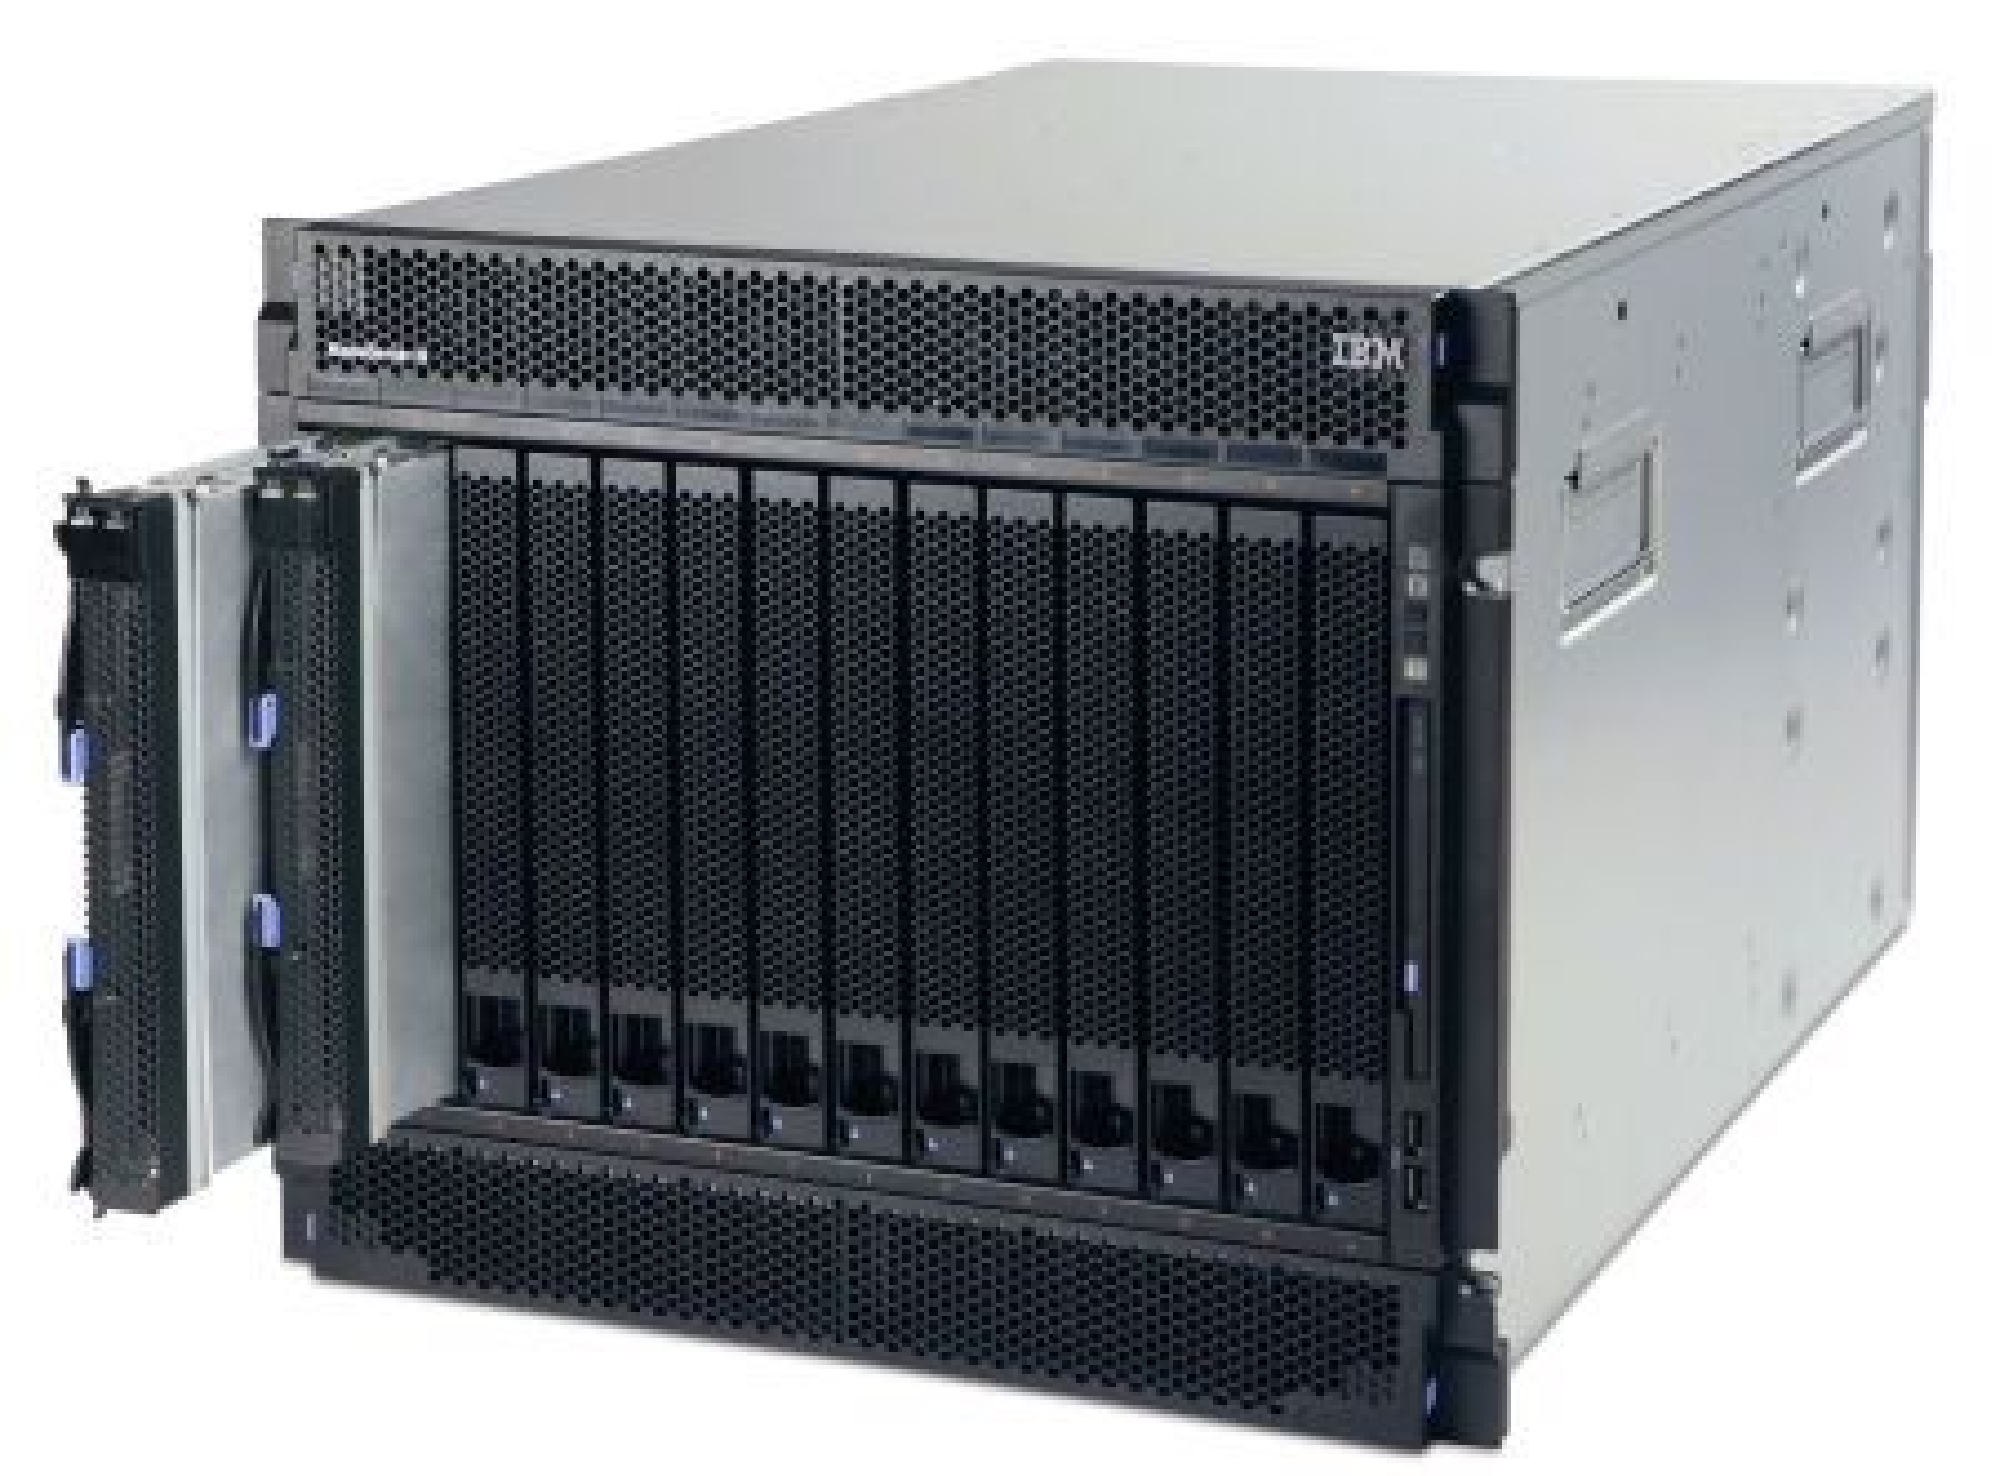 Et tradisjonelt BladeCenter-kabinett for serverbruk